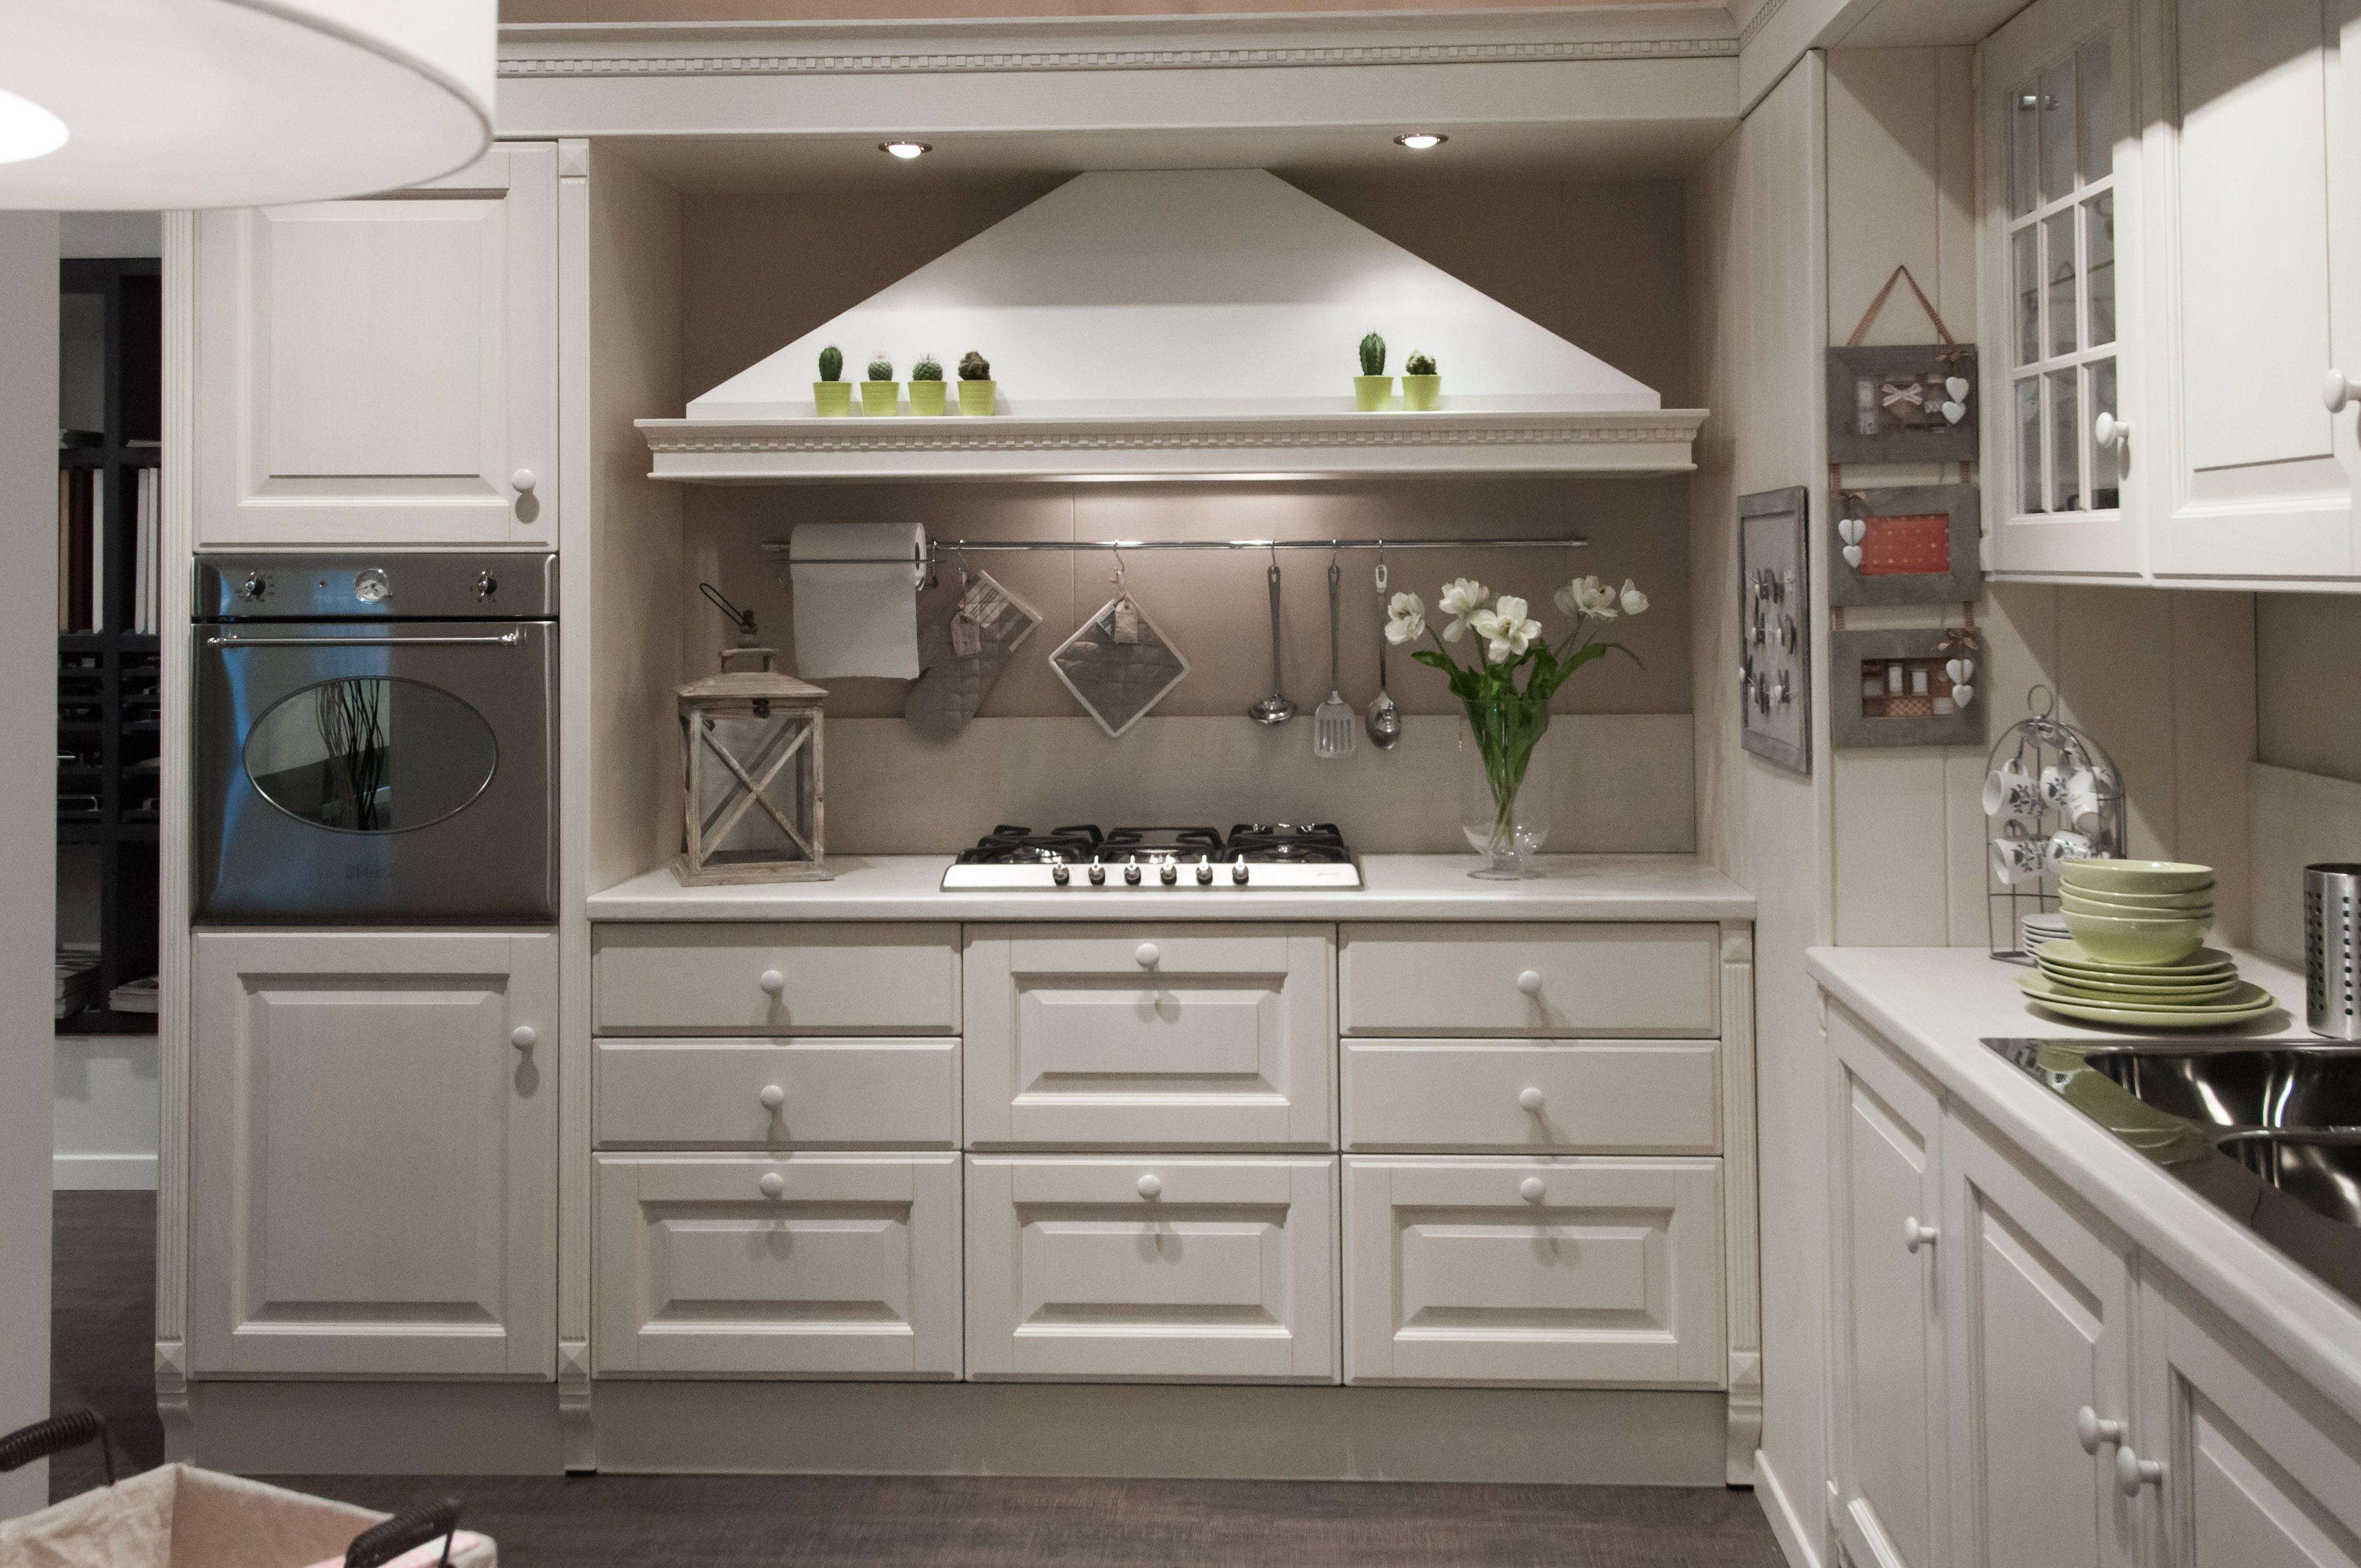 Cucine classiche scavolini in mostra nello showroom di portici cucine da vivere pinterest - Cucine scavolini classiche ...